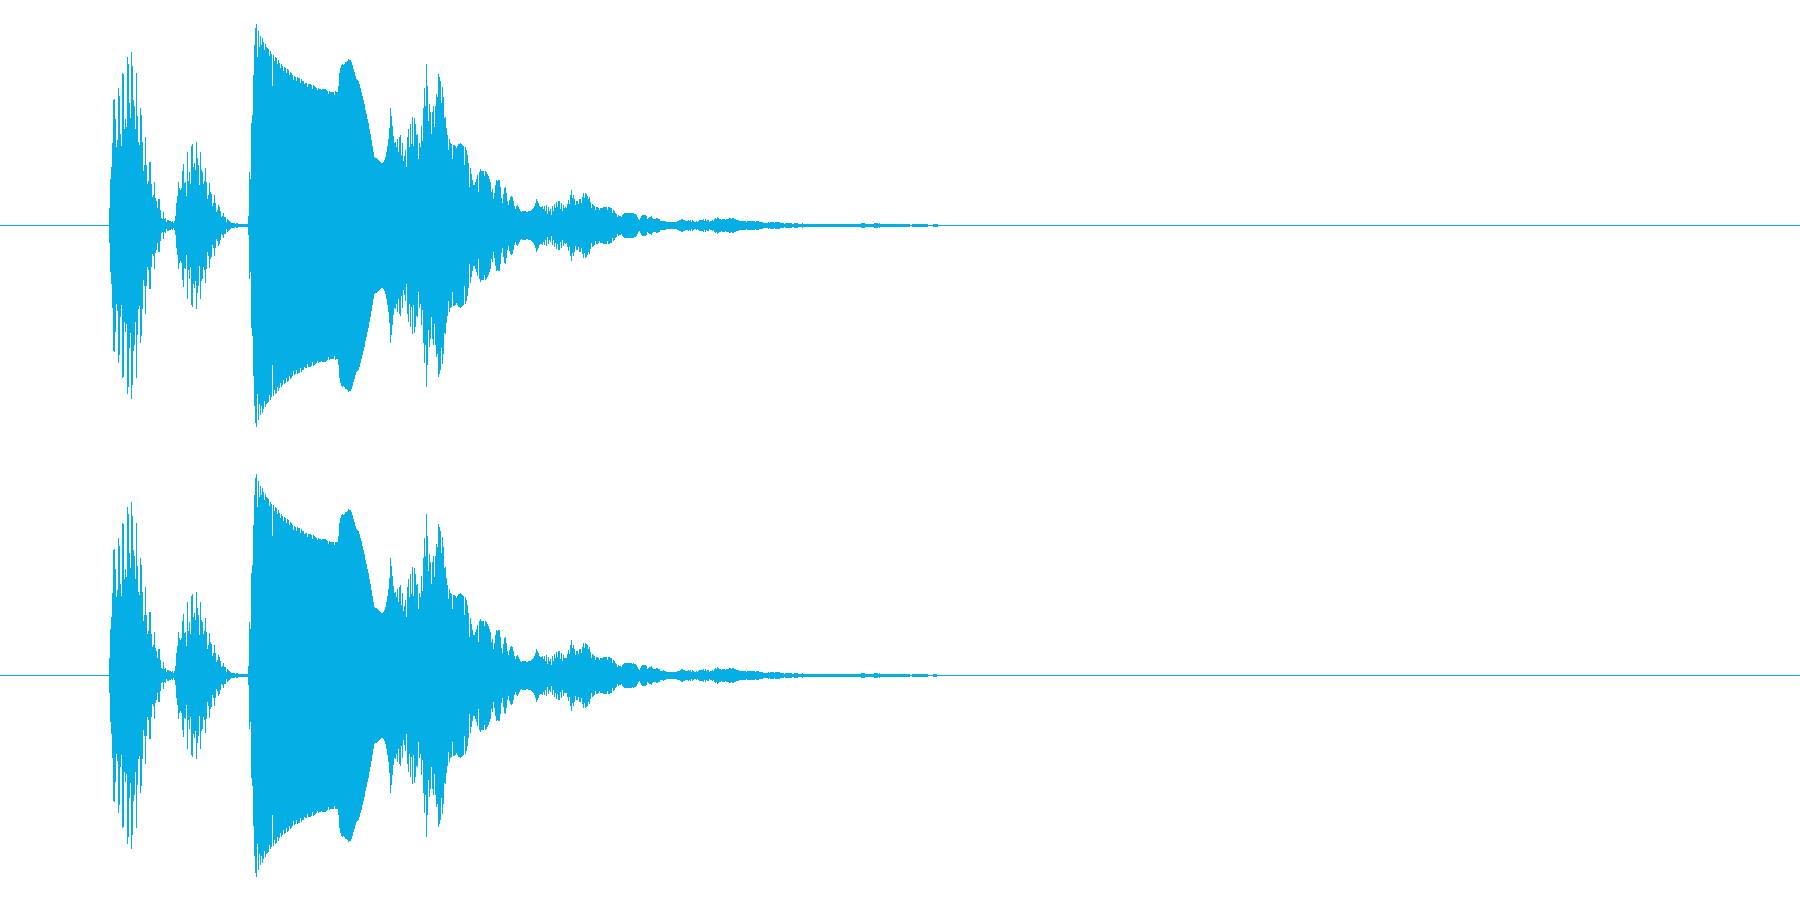 【アクセント42-1】の再生済みの波形